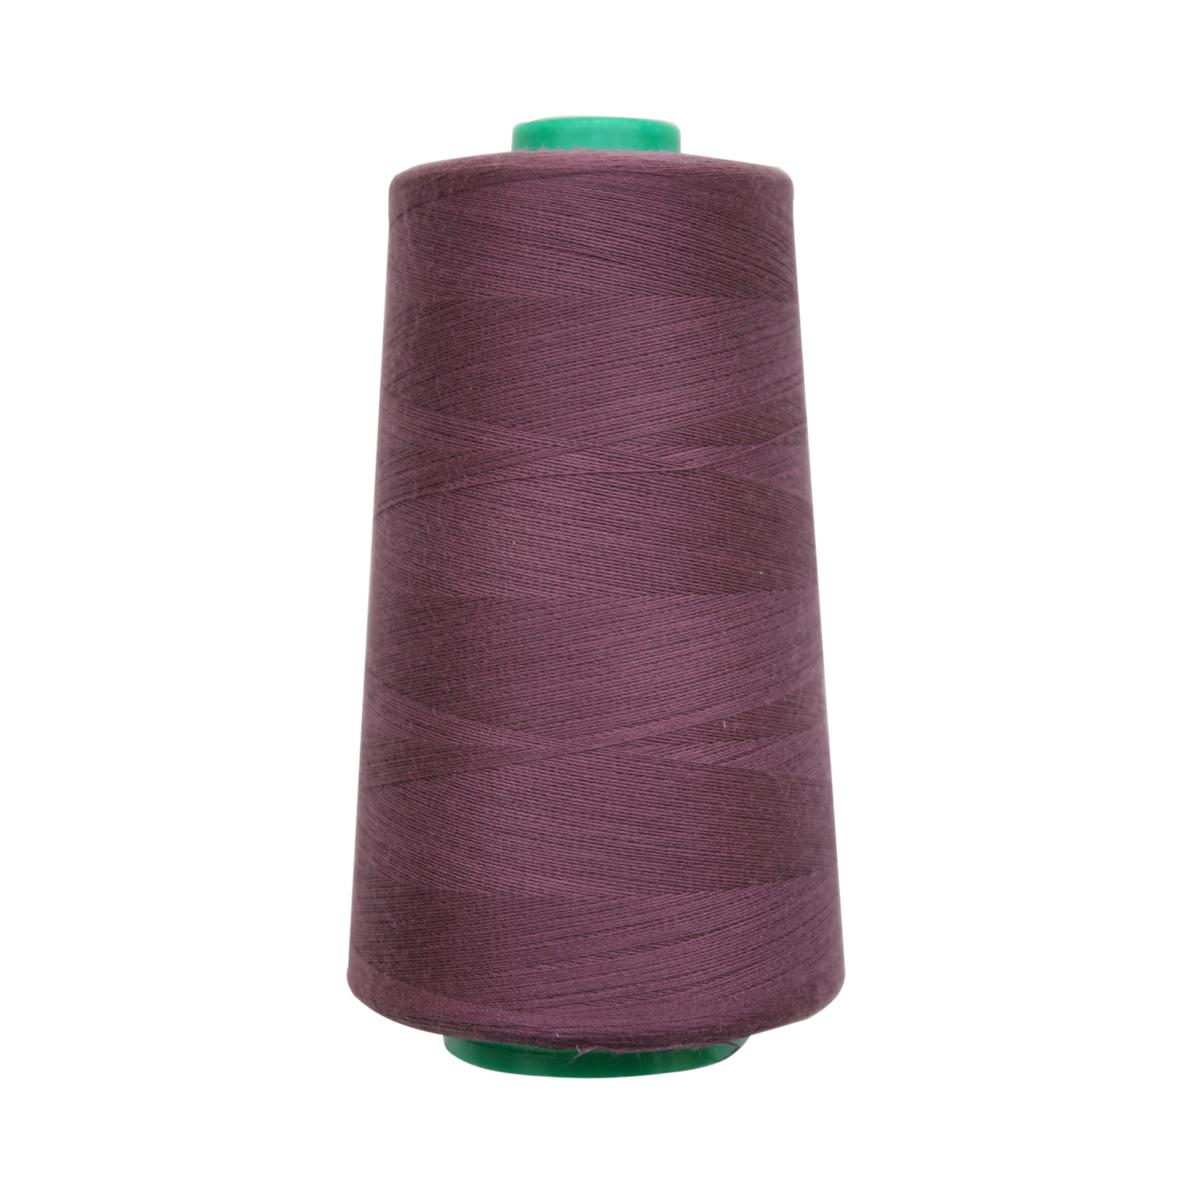 Нитки для шитья Bestex 50/2, 5000 ярд, цвет: св.сливовый (077)7700936-077Сфера использования: трикотаж; ткани малого веса; оверлочные швы; отделка краев; вышивка. Размер игл №70-80